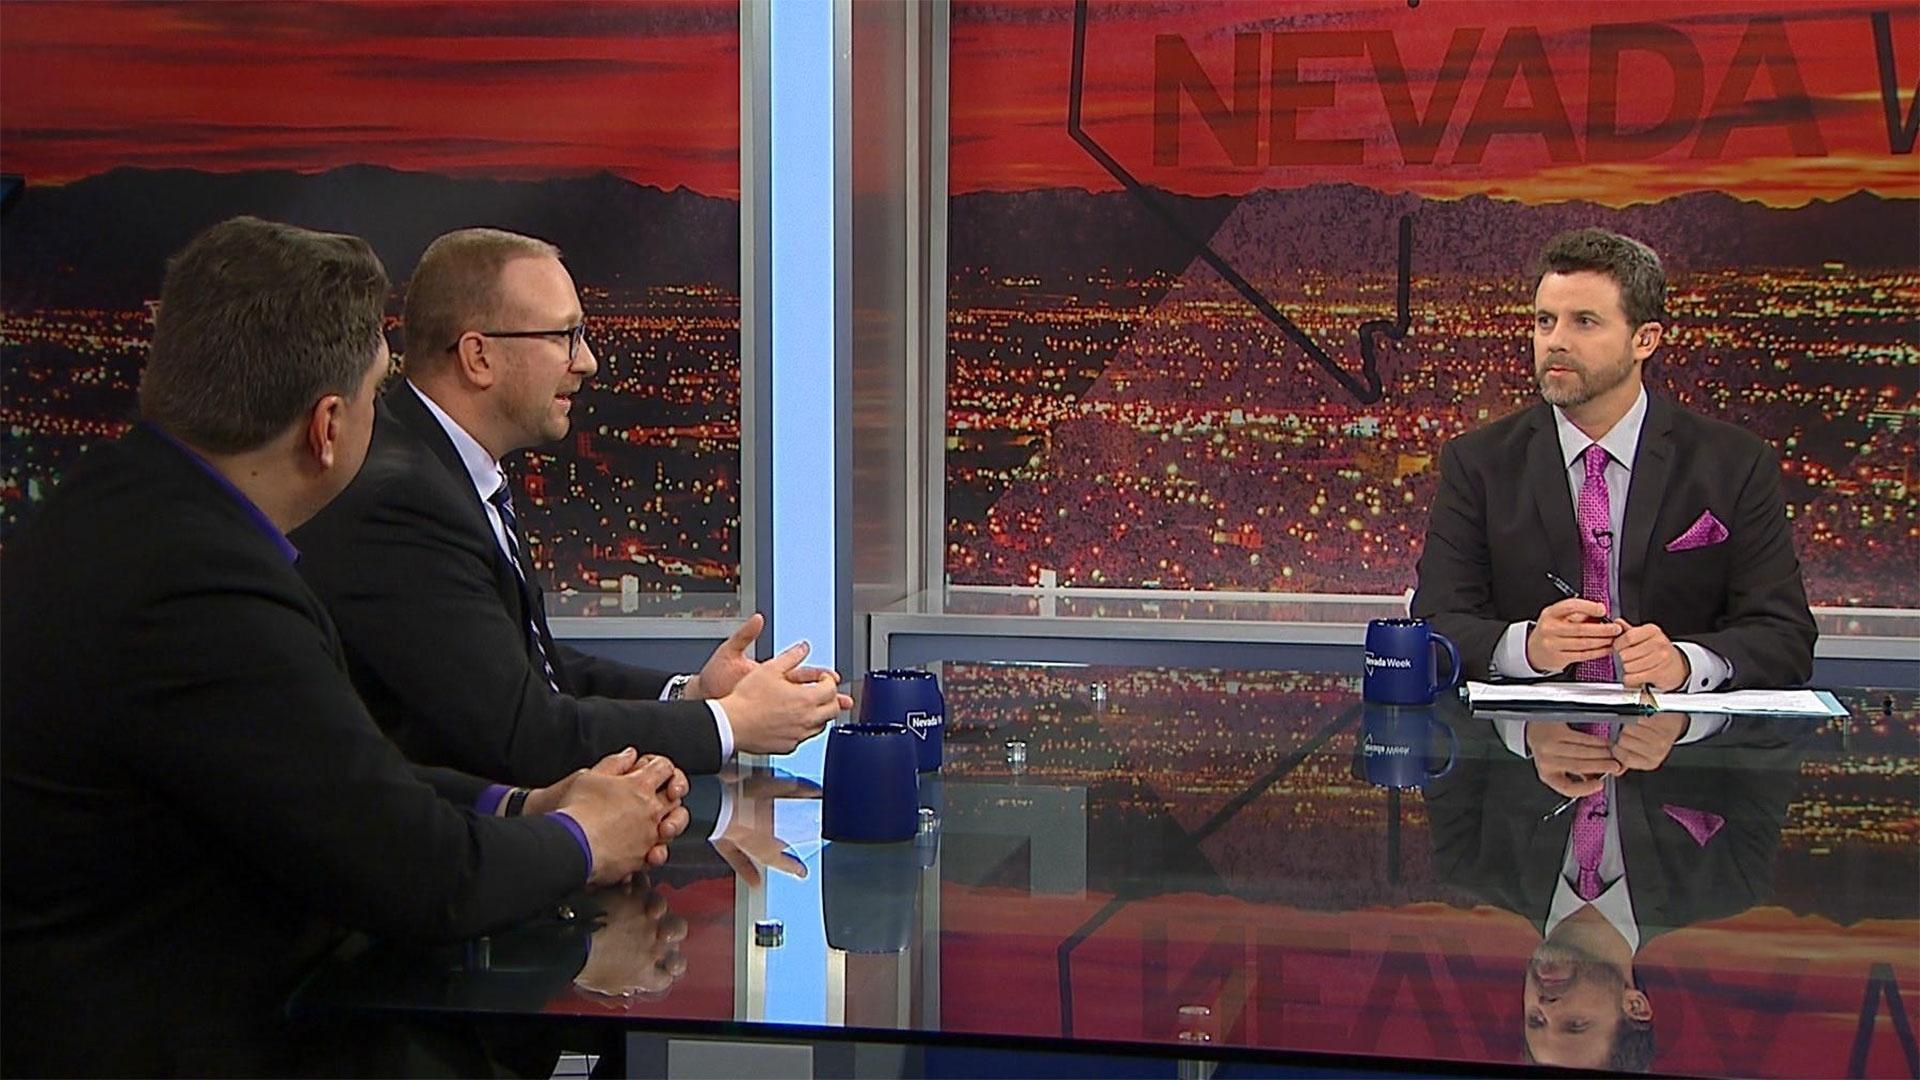 Nevada Week #139 - Reinventing Libraries in the Digital Age